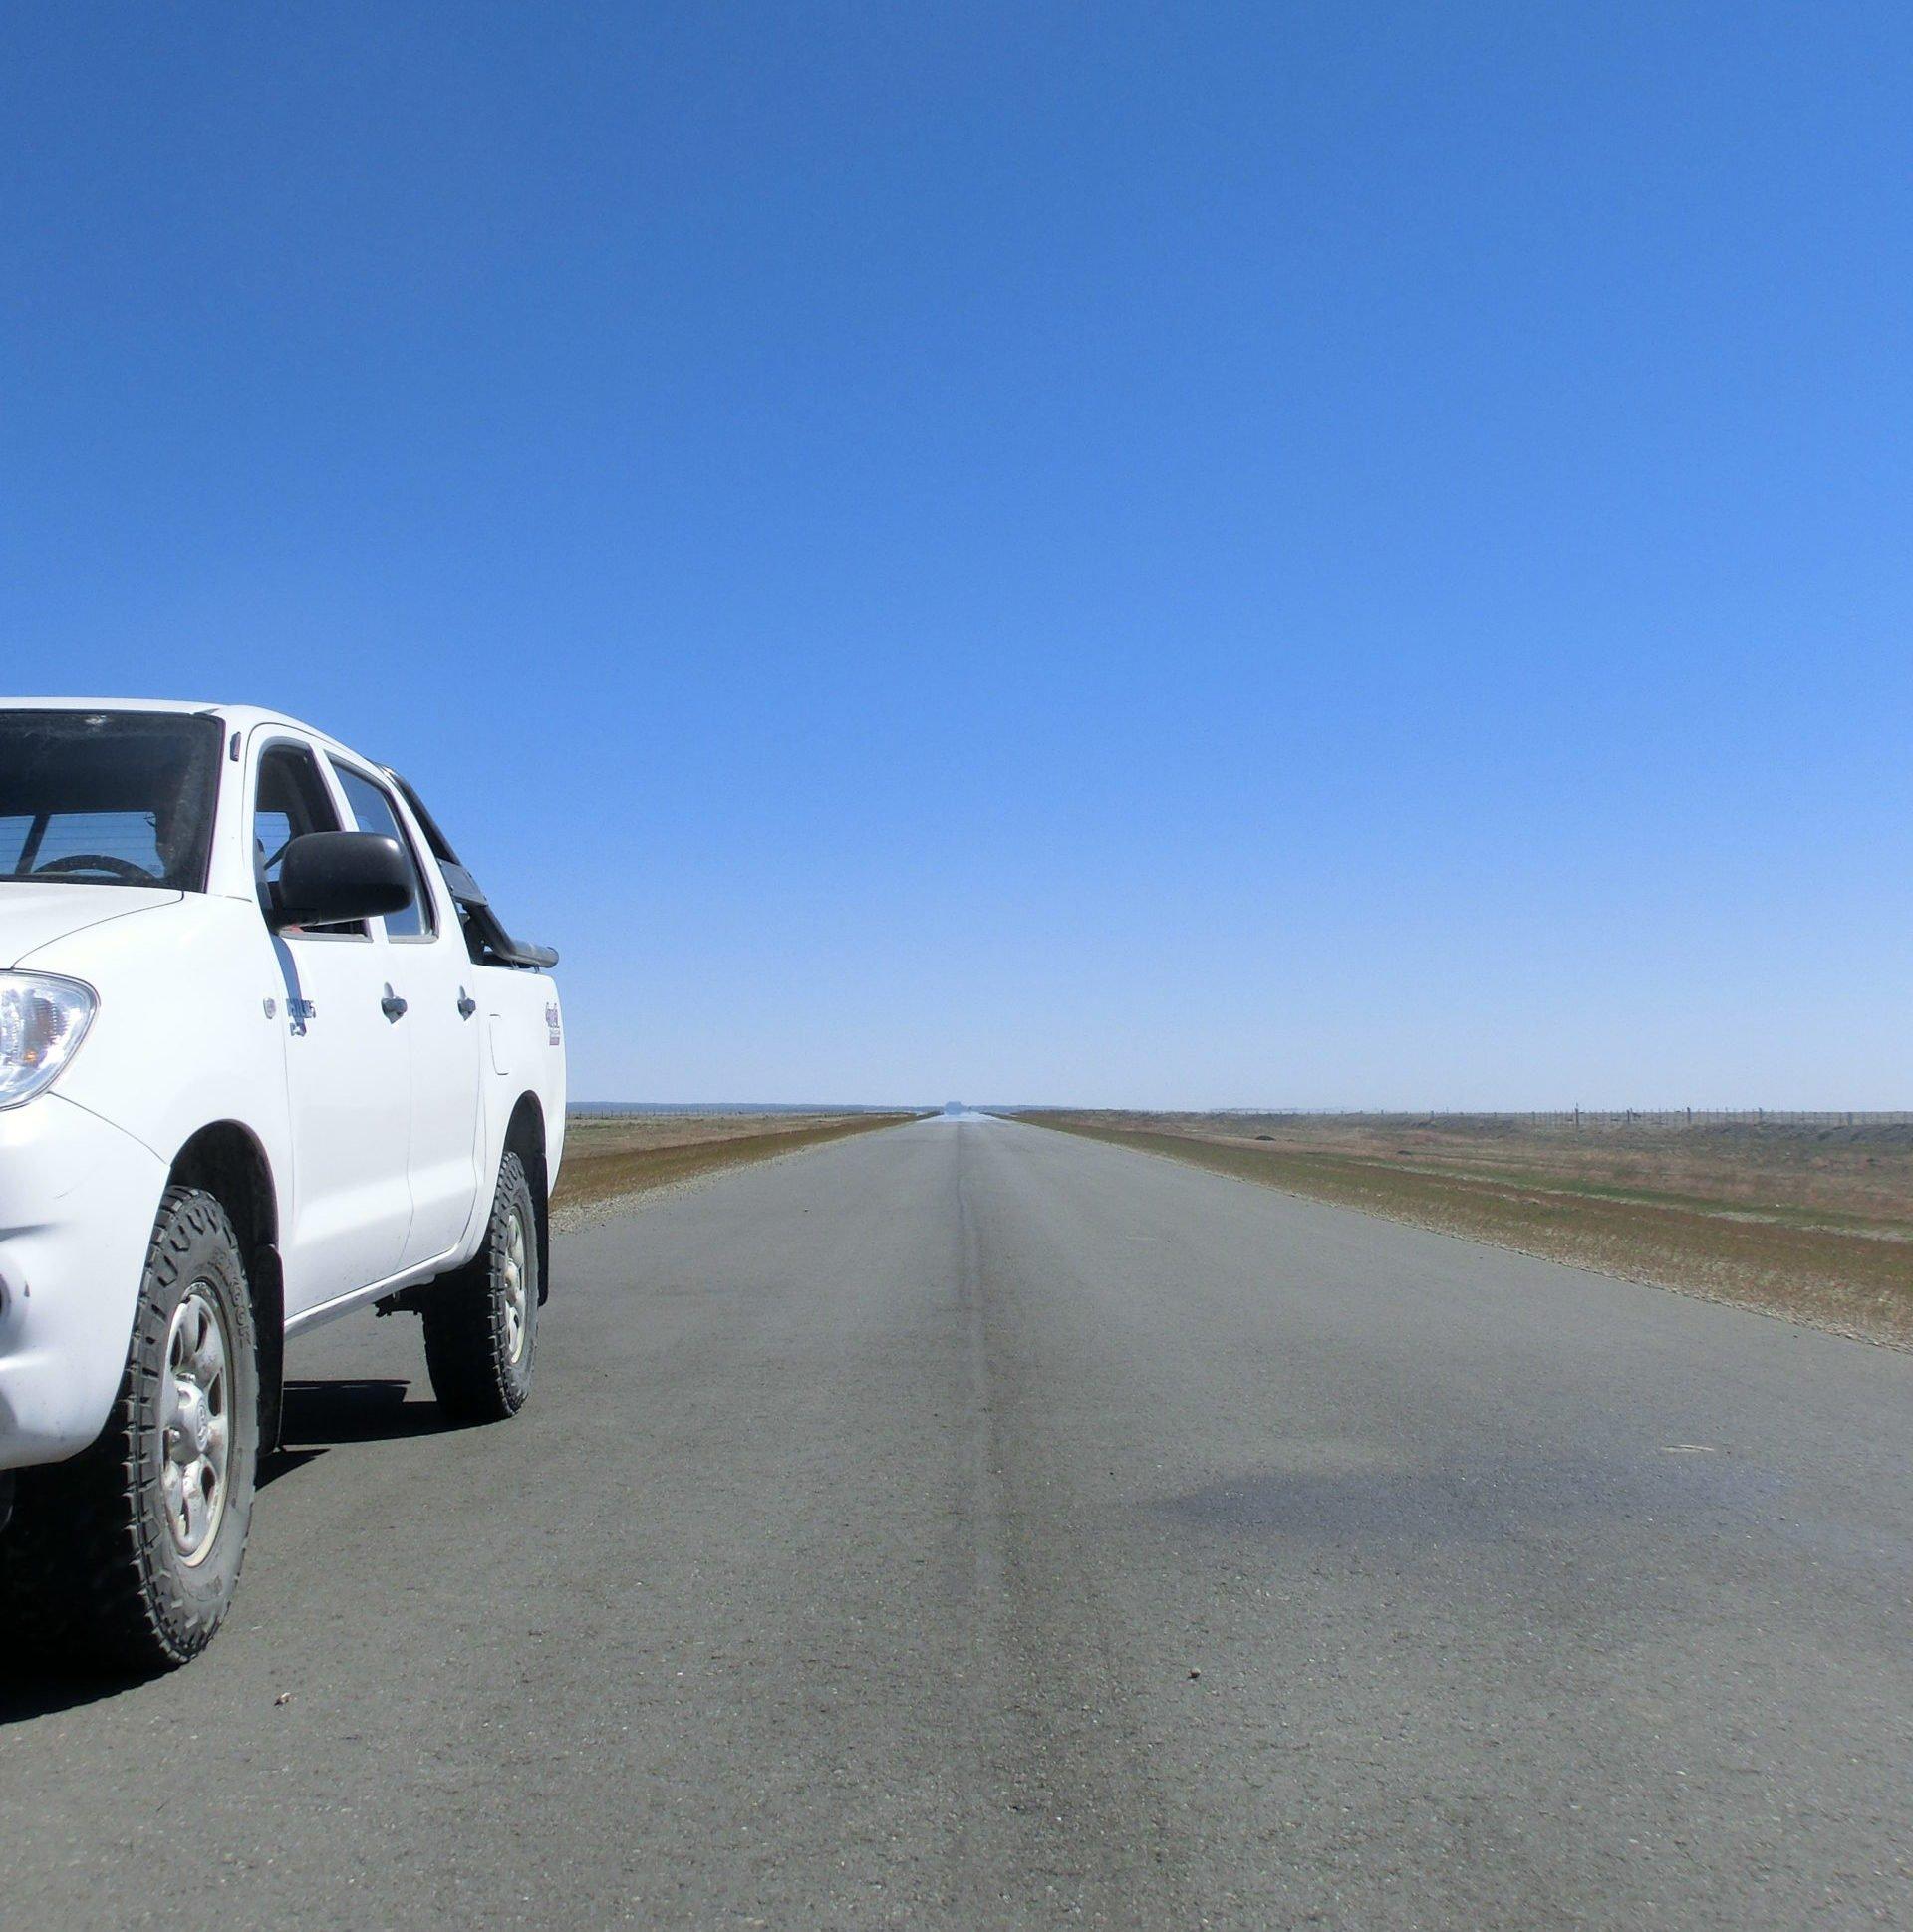 Argentinien, Patagonien, Mietwagen auf gerader Strasse, Latin Amrerica Tours